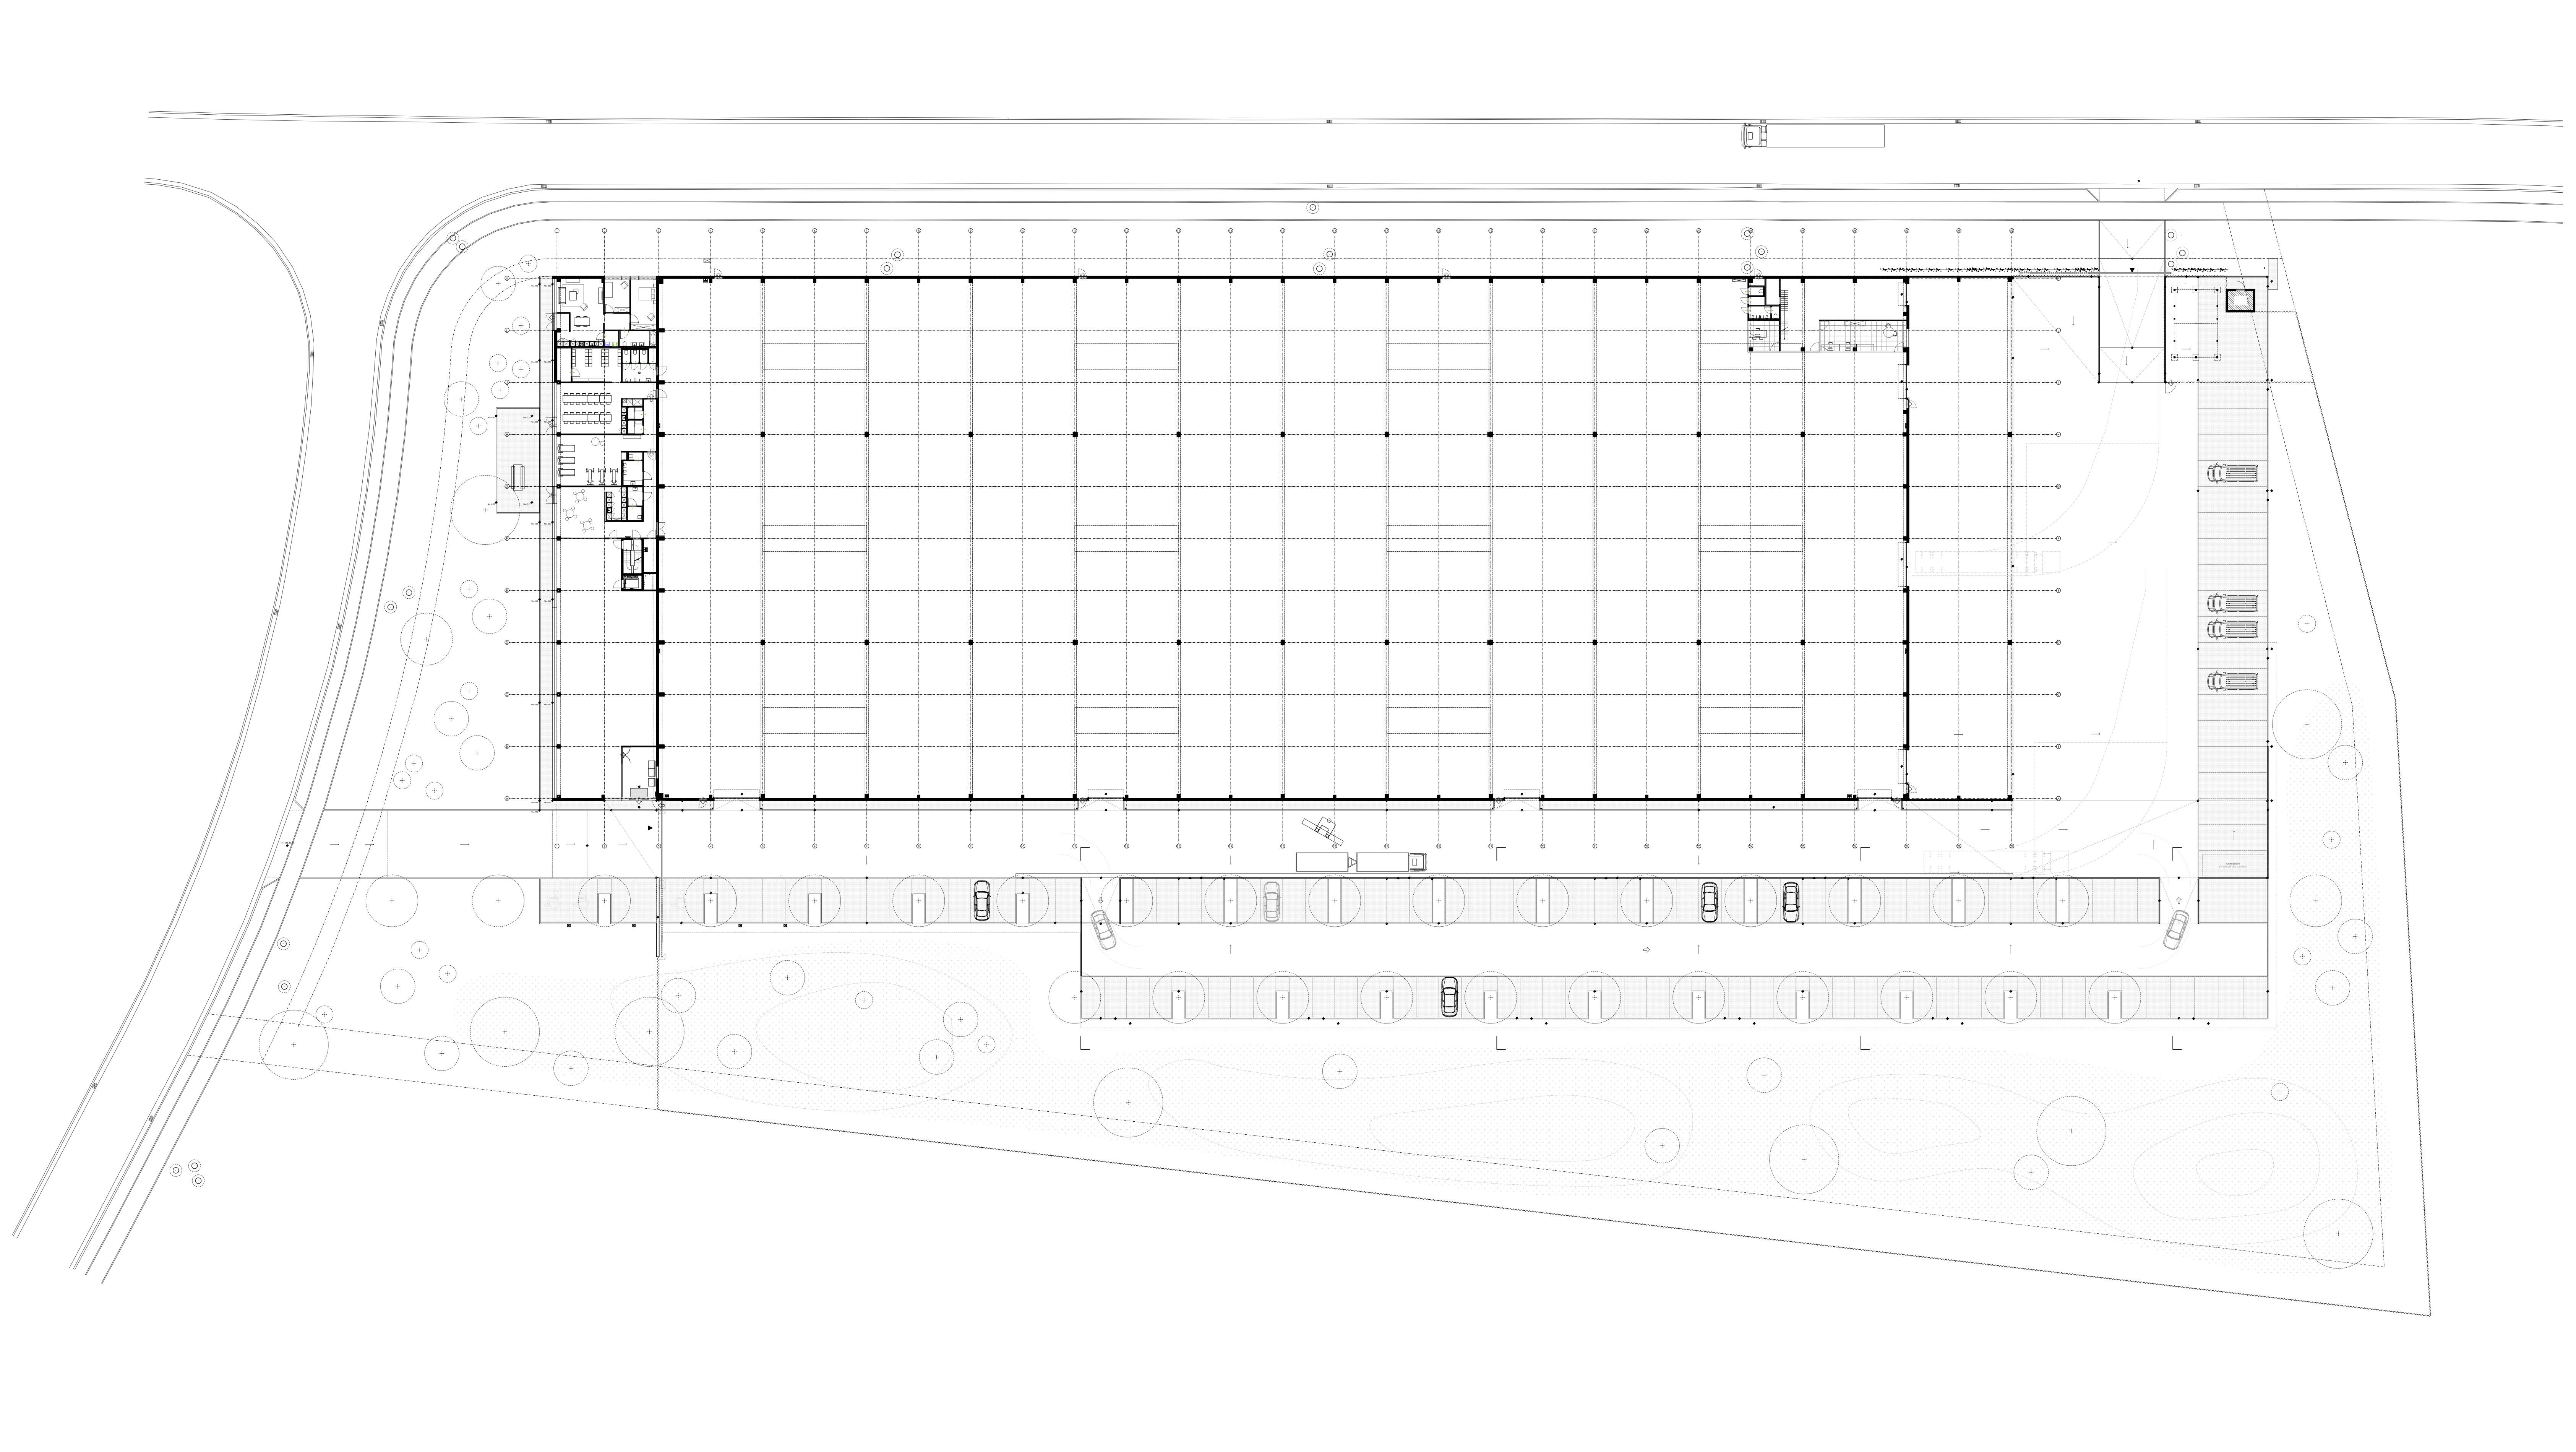 RG architectes | Luckx | Bureaux & hall industriel à Tubize Sainte II